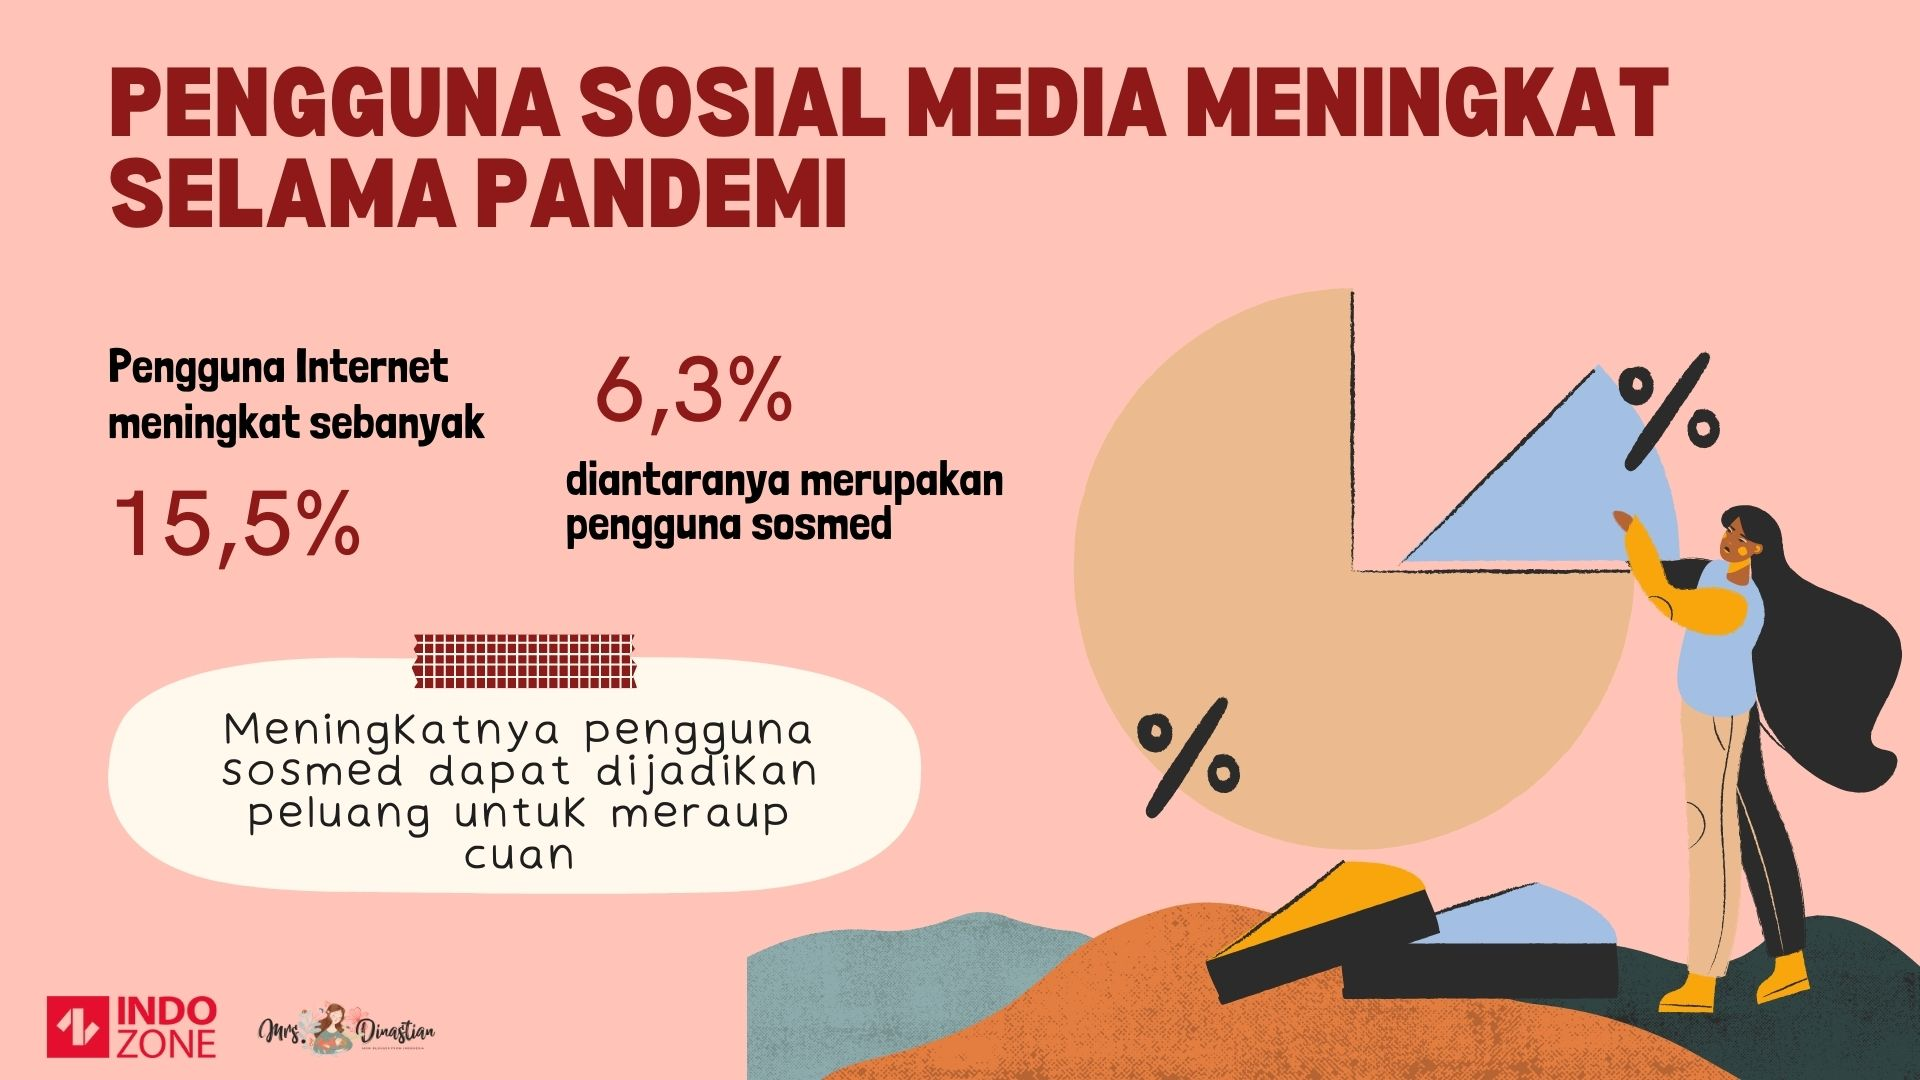 Pengguna Sosial Media Meningkat Selama Pandemi